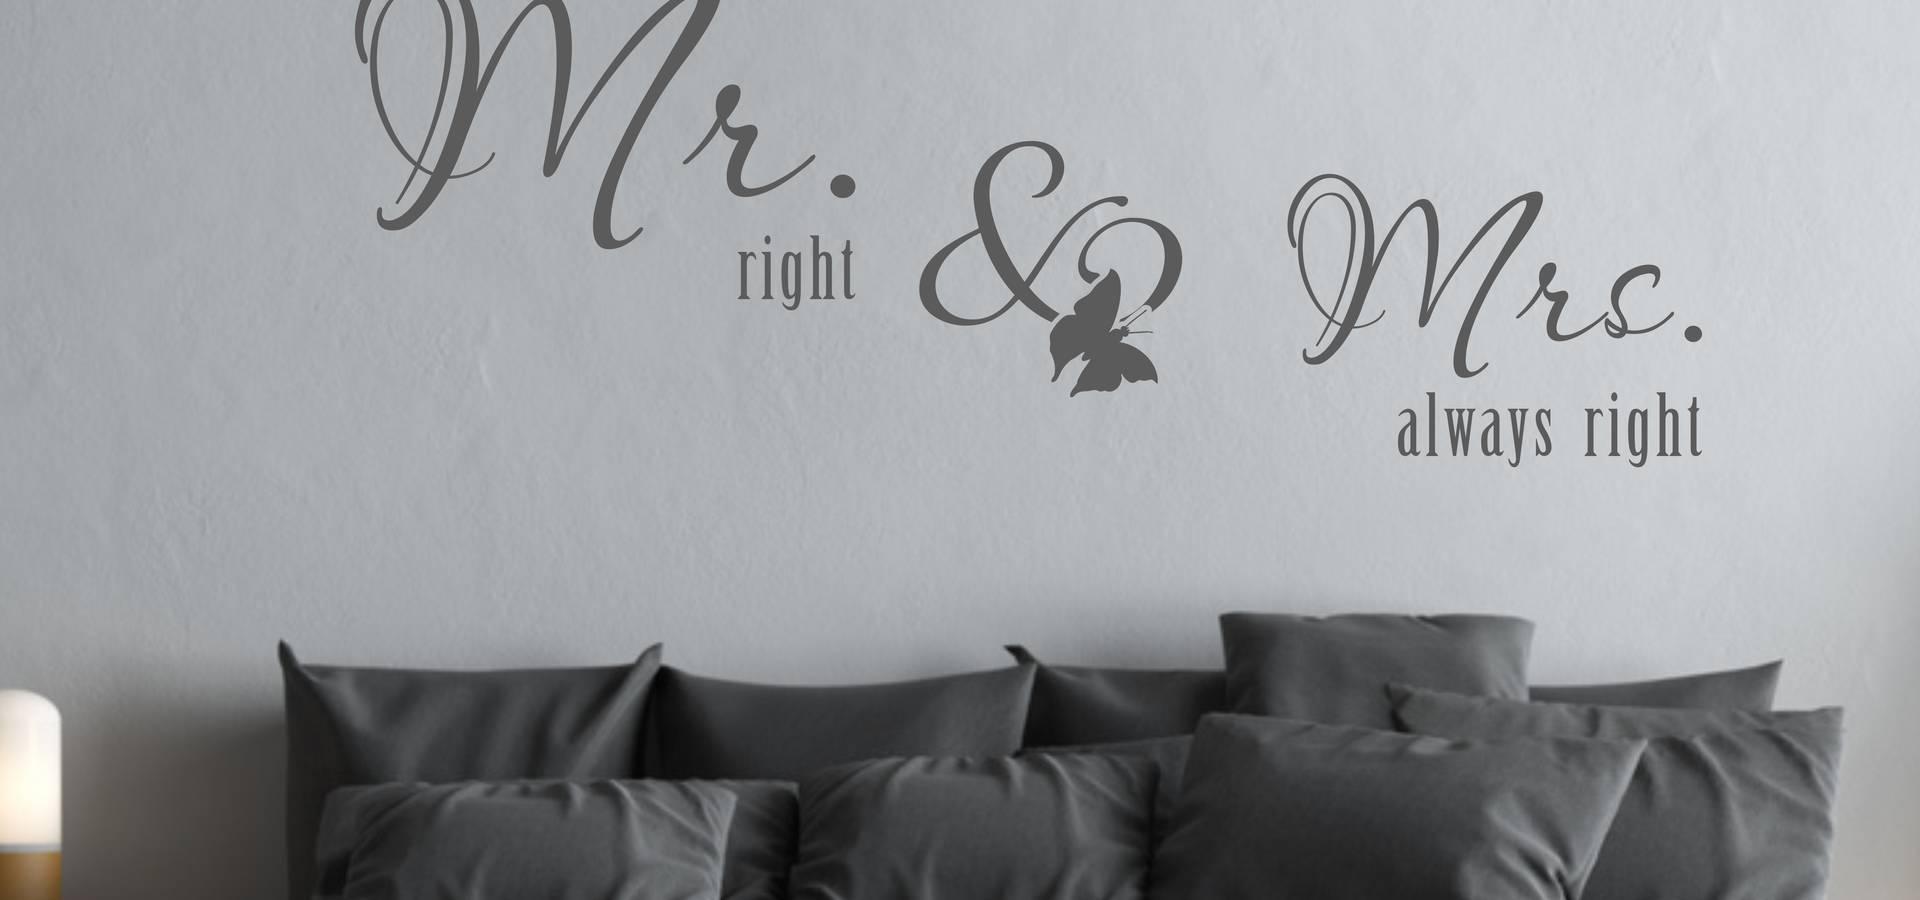 Bezaubernd Wandtattoo Anbringen Ideen Von Livingstyle Und Wanddesign